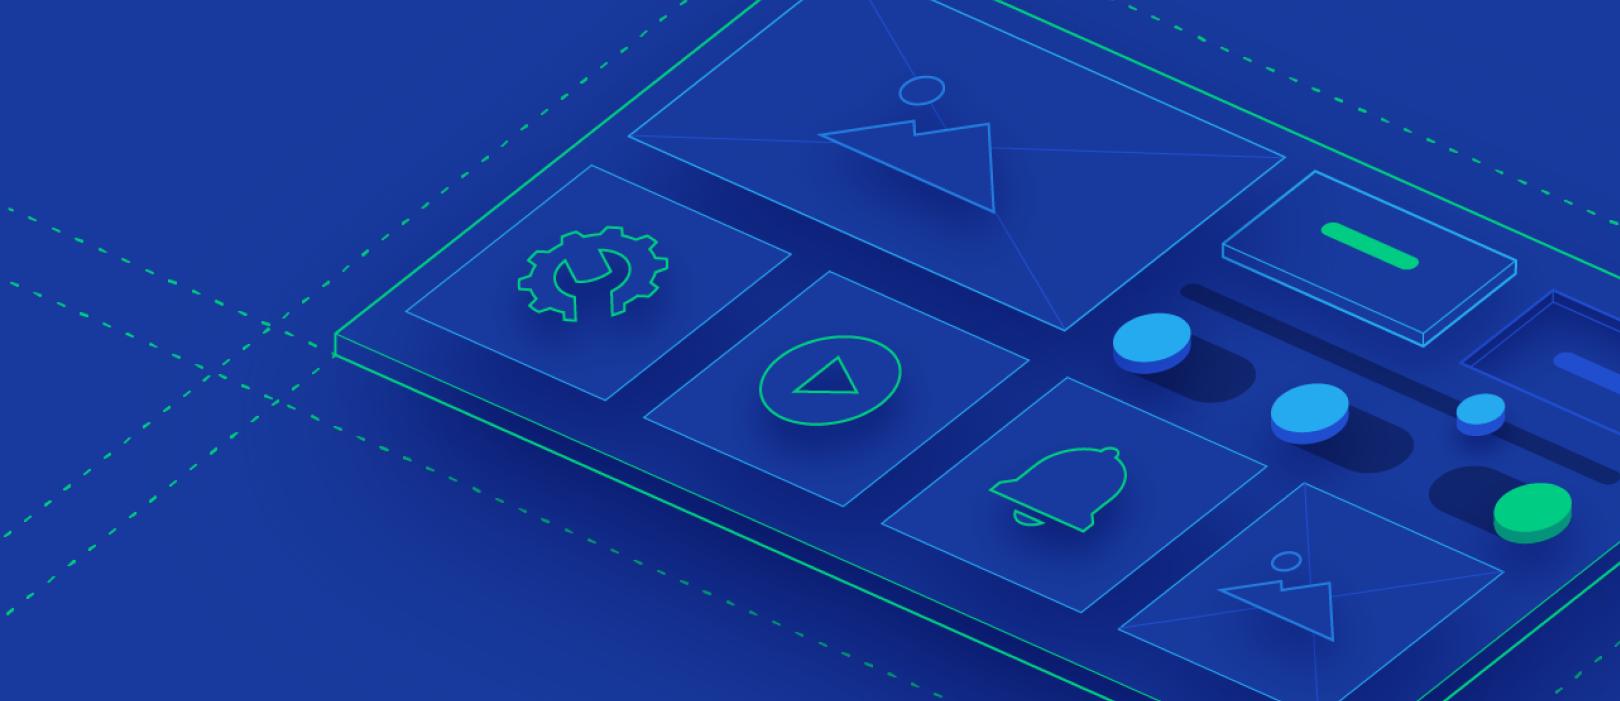 Frame 1 11 - Как успешно использовать анимацию в вашем мобильном приложении: виды анимации и принципы дизайна